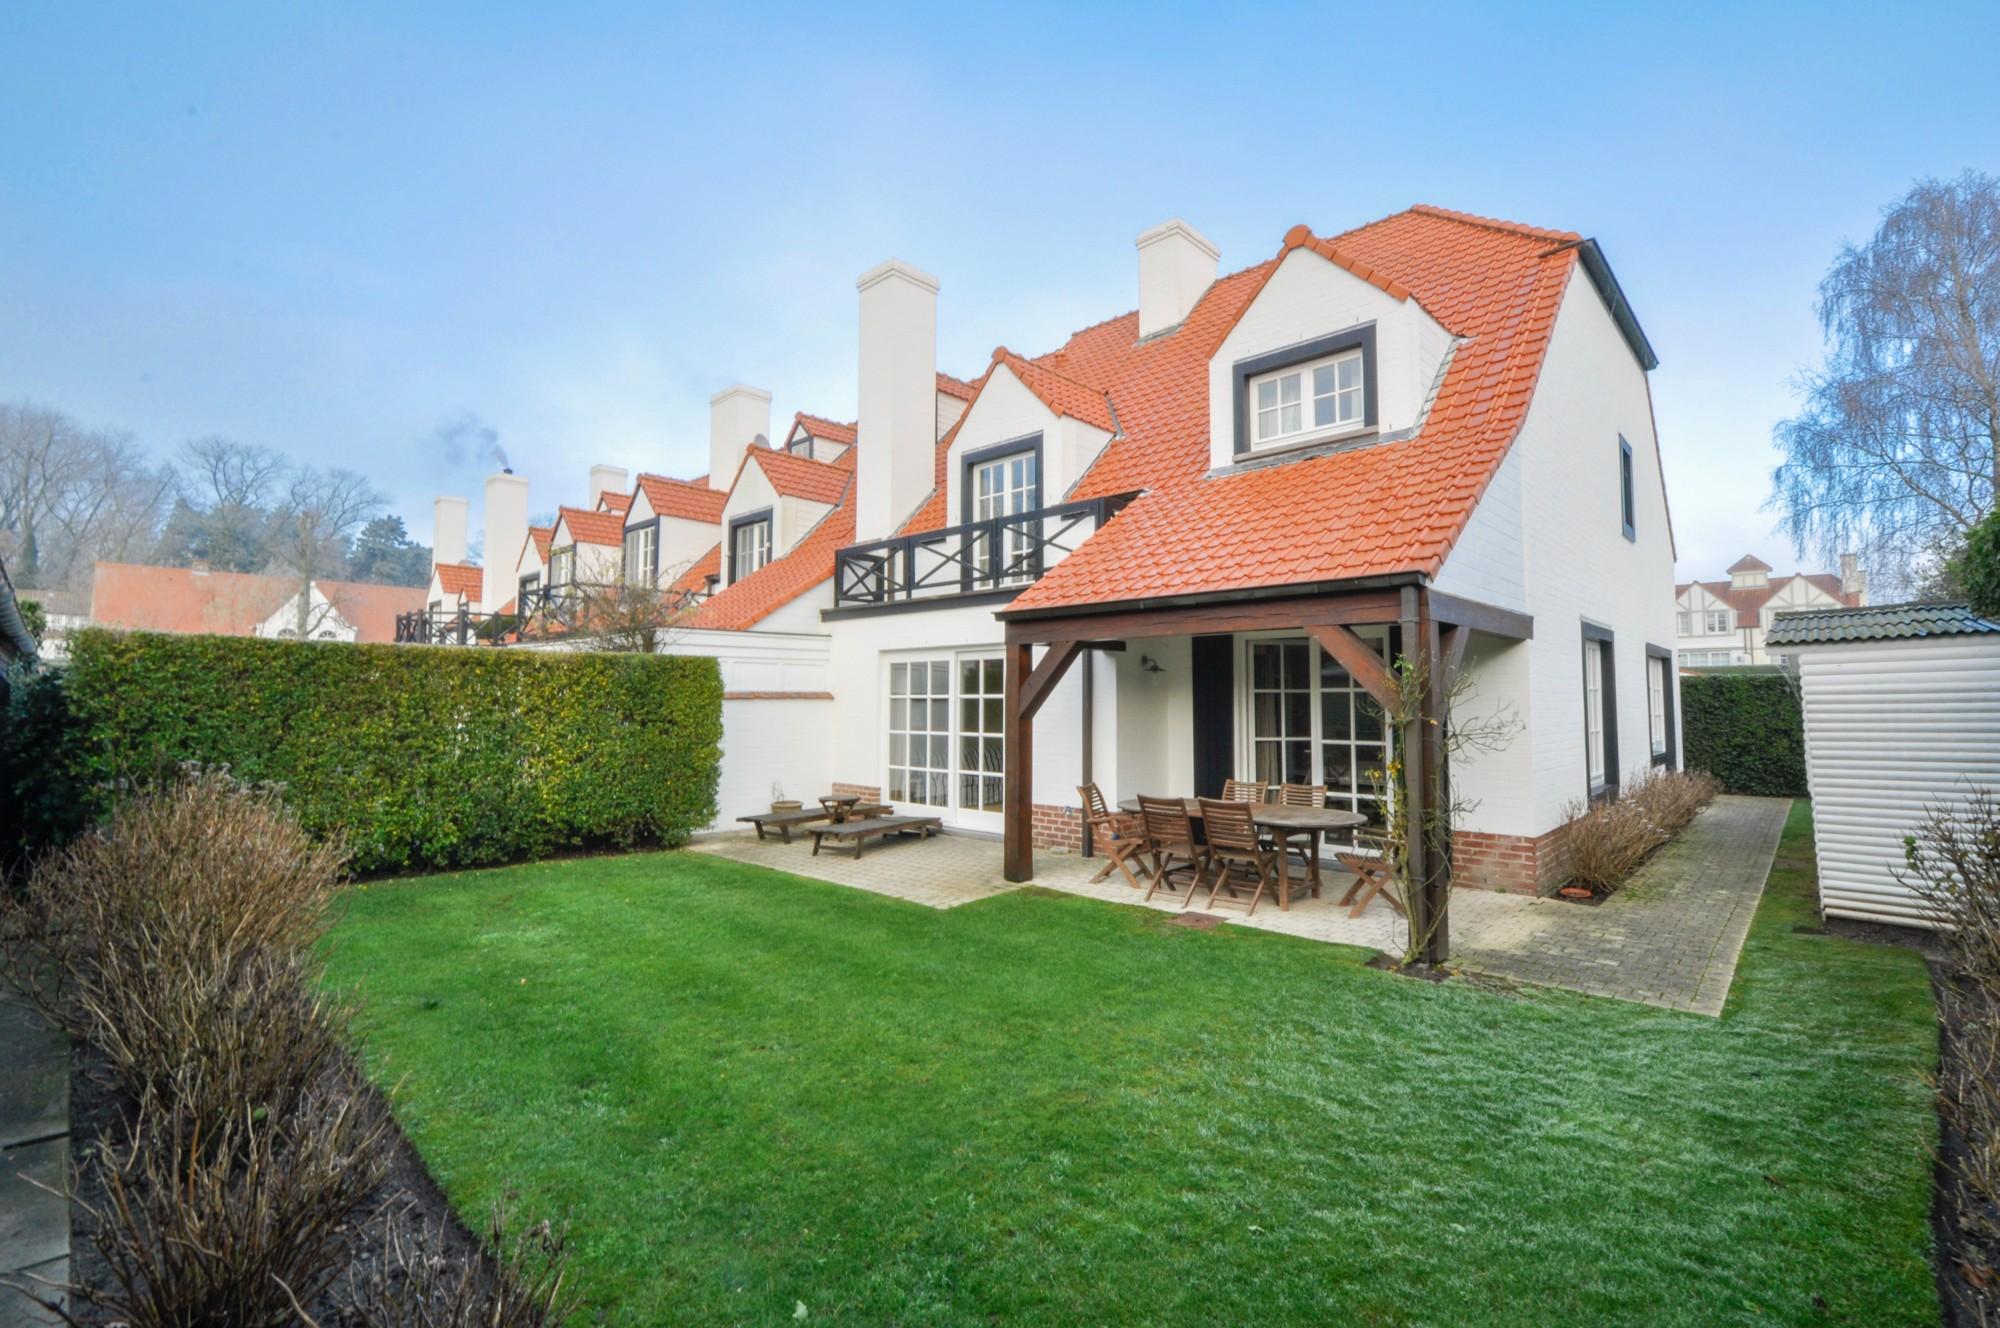 Ventes huis t5 f5 knokke zoute paulushof aan for Huis verkoop site